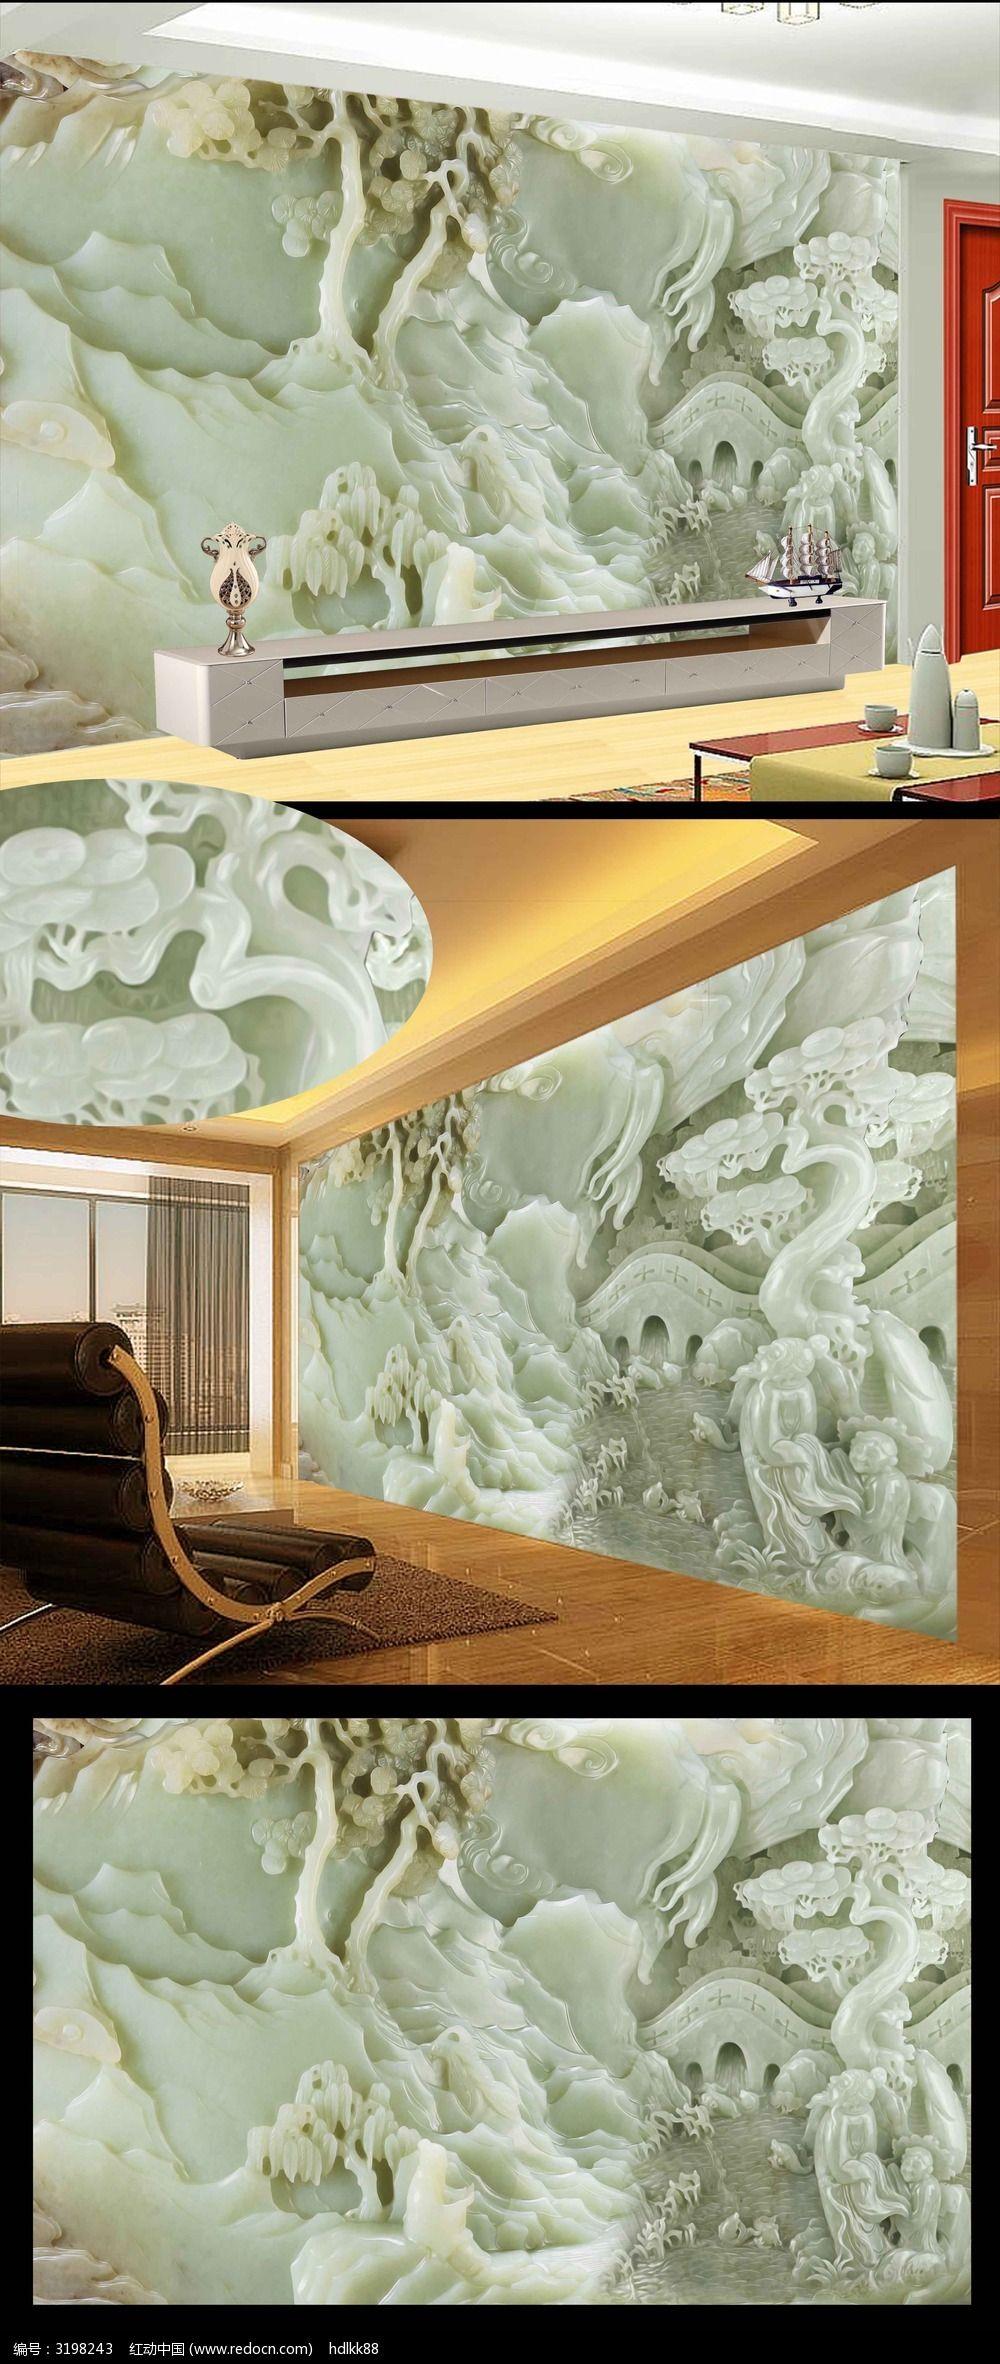 玉雕中式古典山水壁画背景墙图片